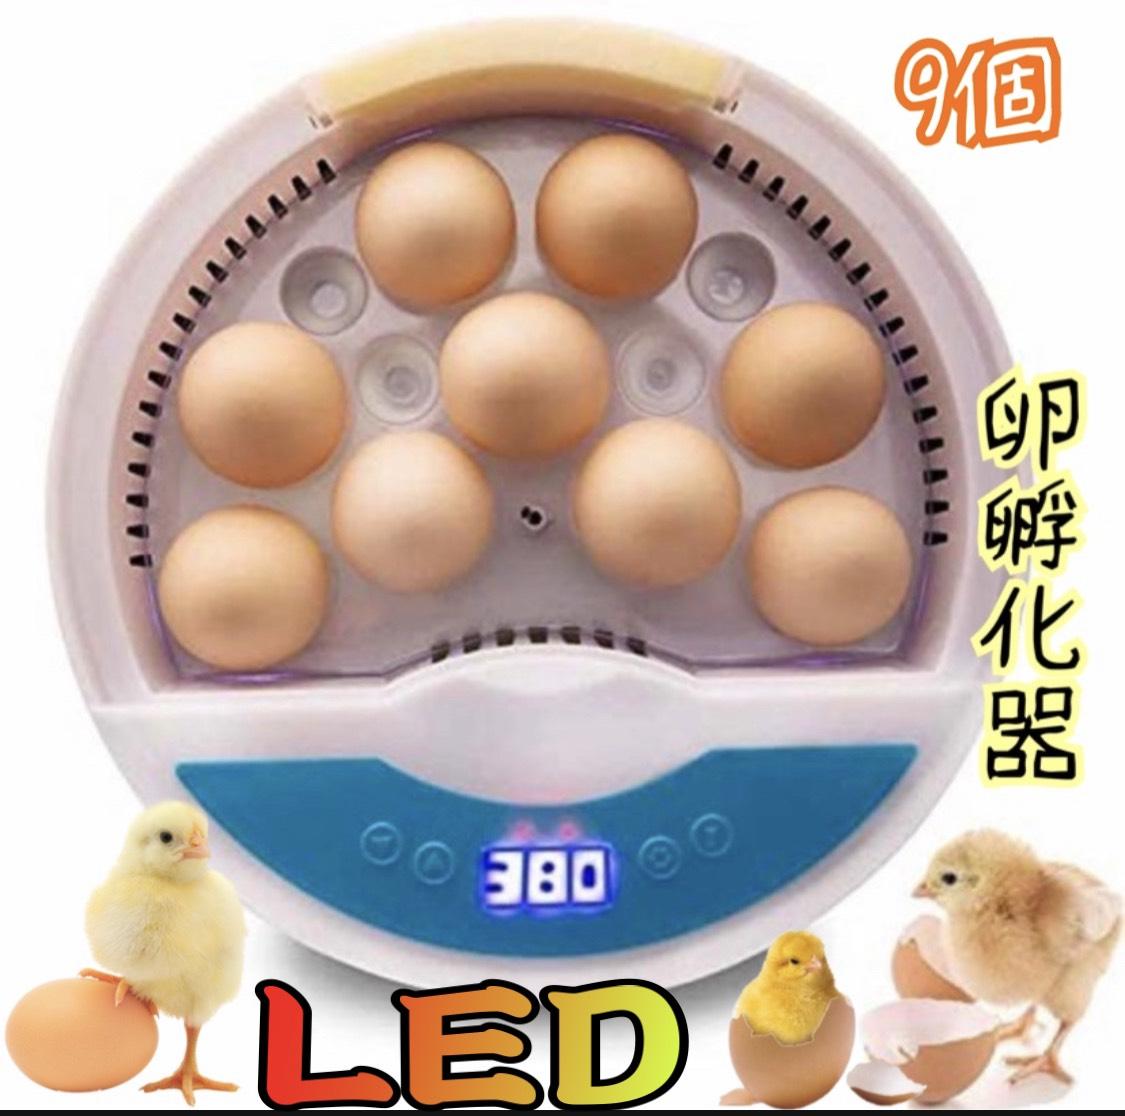 LED自動孵卵器 インキュベーター 検卵ライト内蔵 鳥類専用ふ卵器 子供教育用 感謝価格 9個 家庭用 販売期間 限定のお得なタイムセール 孵化器